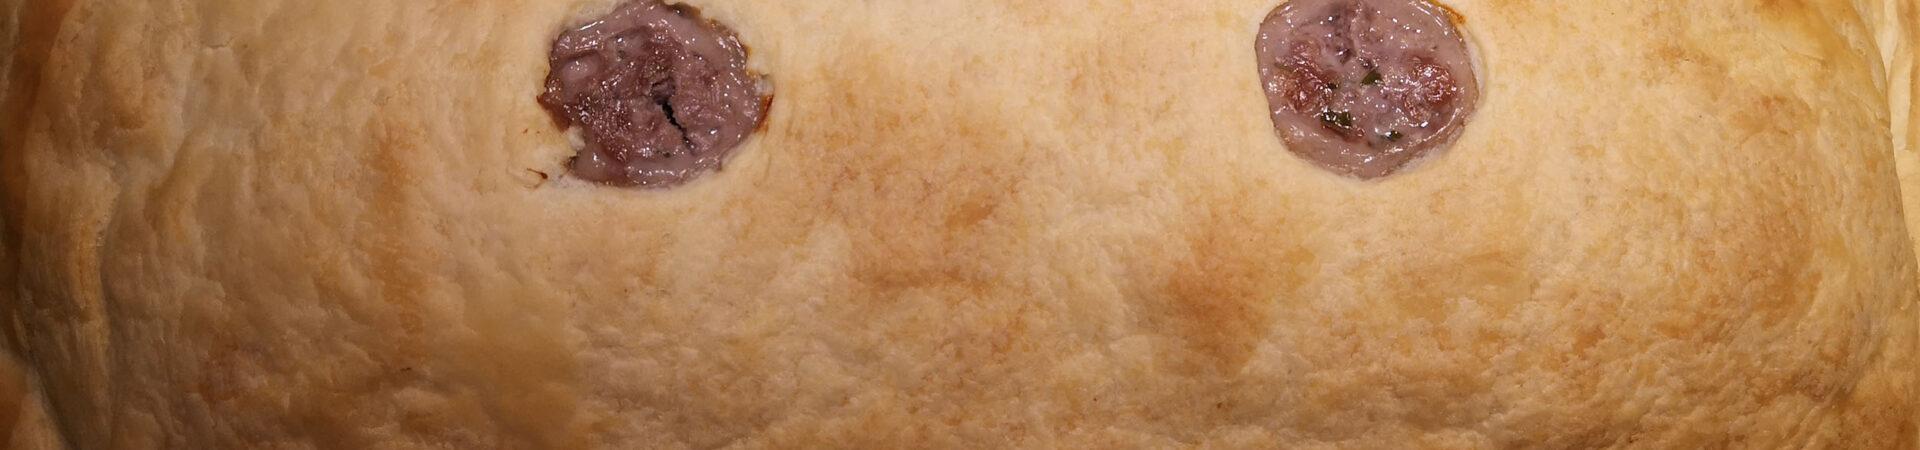 Münstertaler Pastete – verfeinert mit einer Rotwein-Marinade